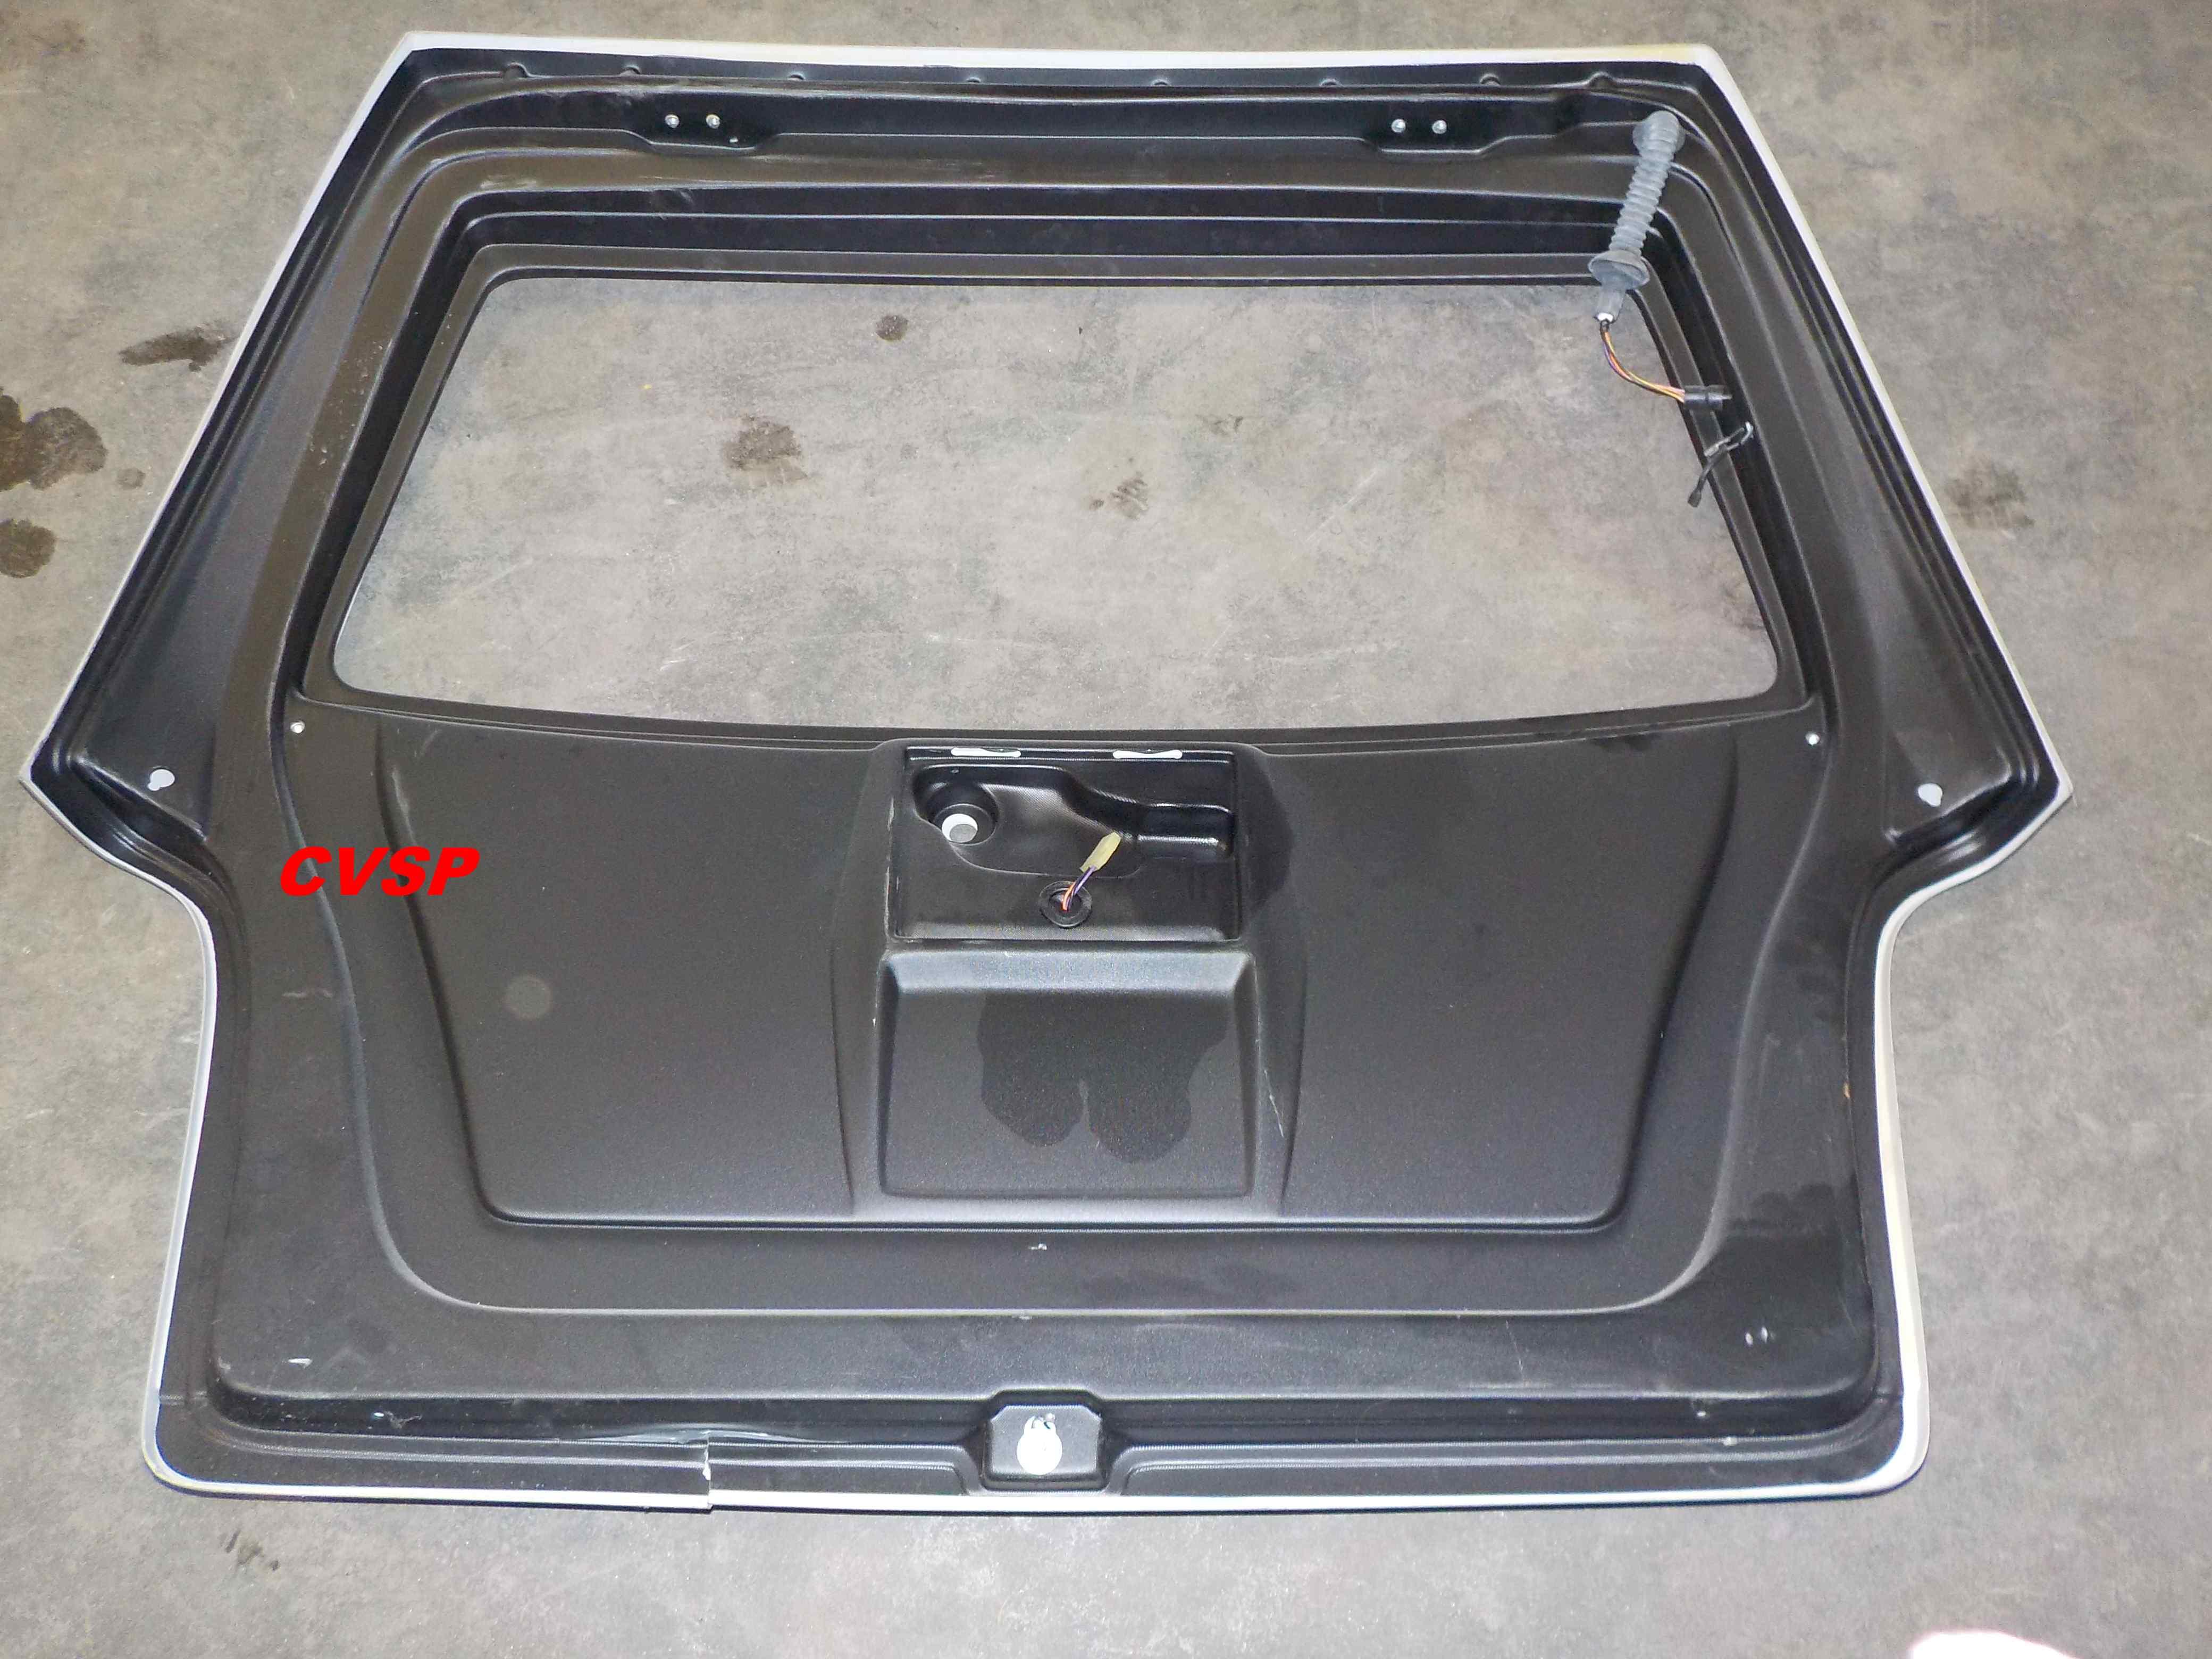 hayon sans vitre sans moteur essuie glace cass ligier xtoo r d 39 occasion pi ce d tach e. Black Bedroom Furniture Sets. Home Design Ideas